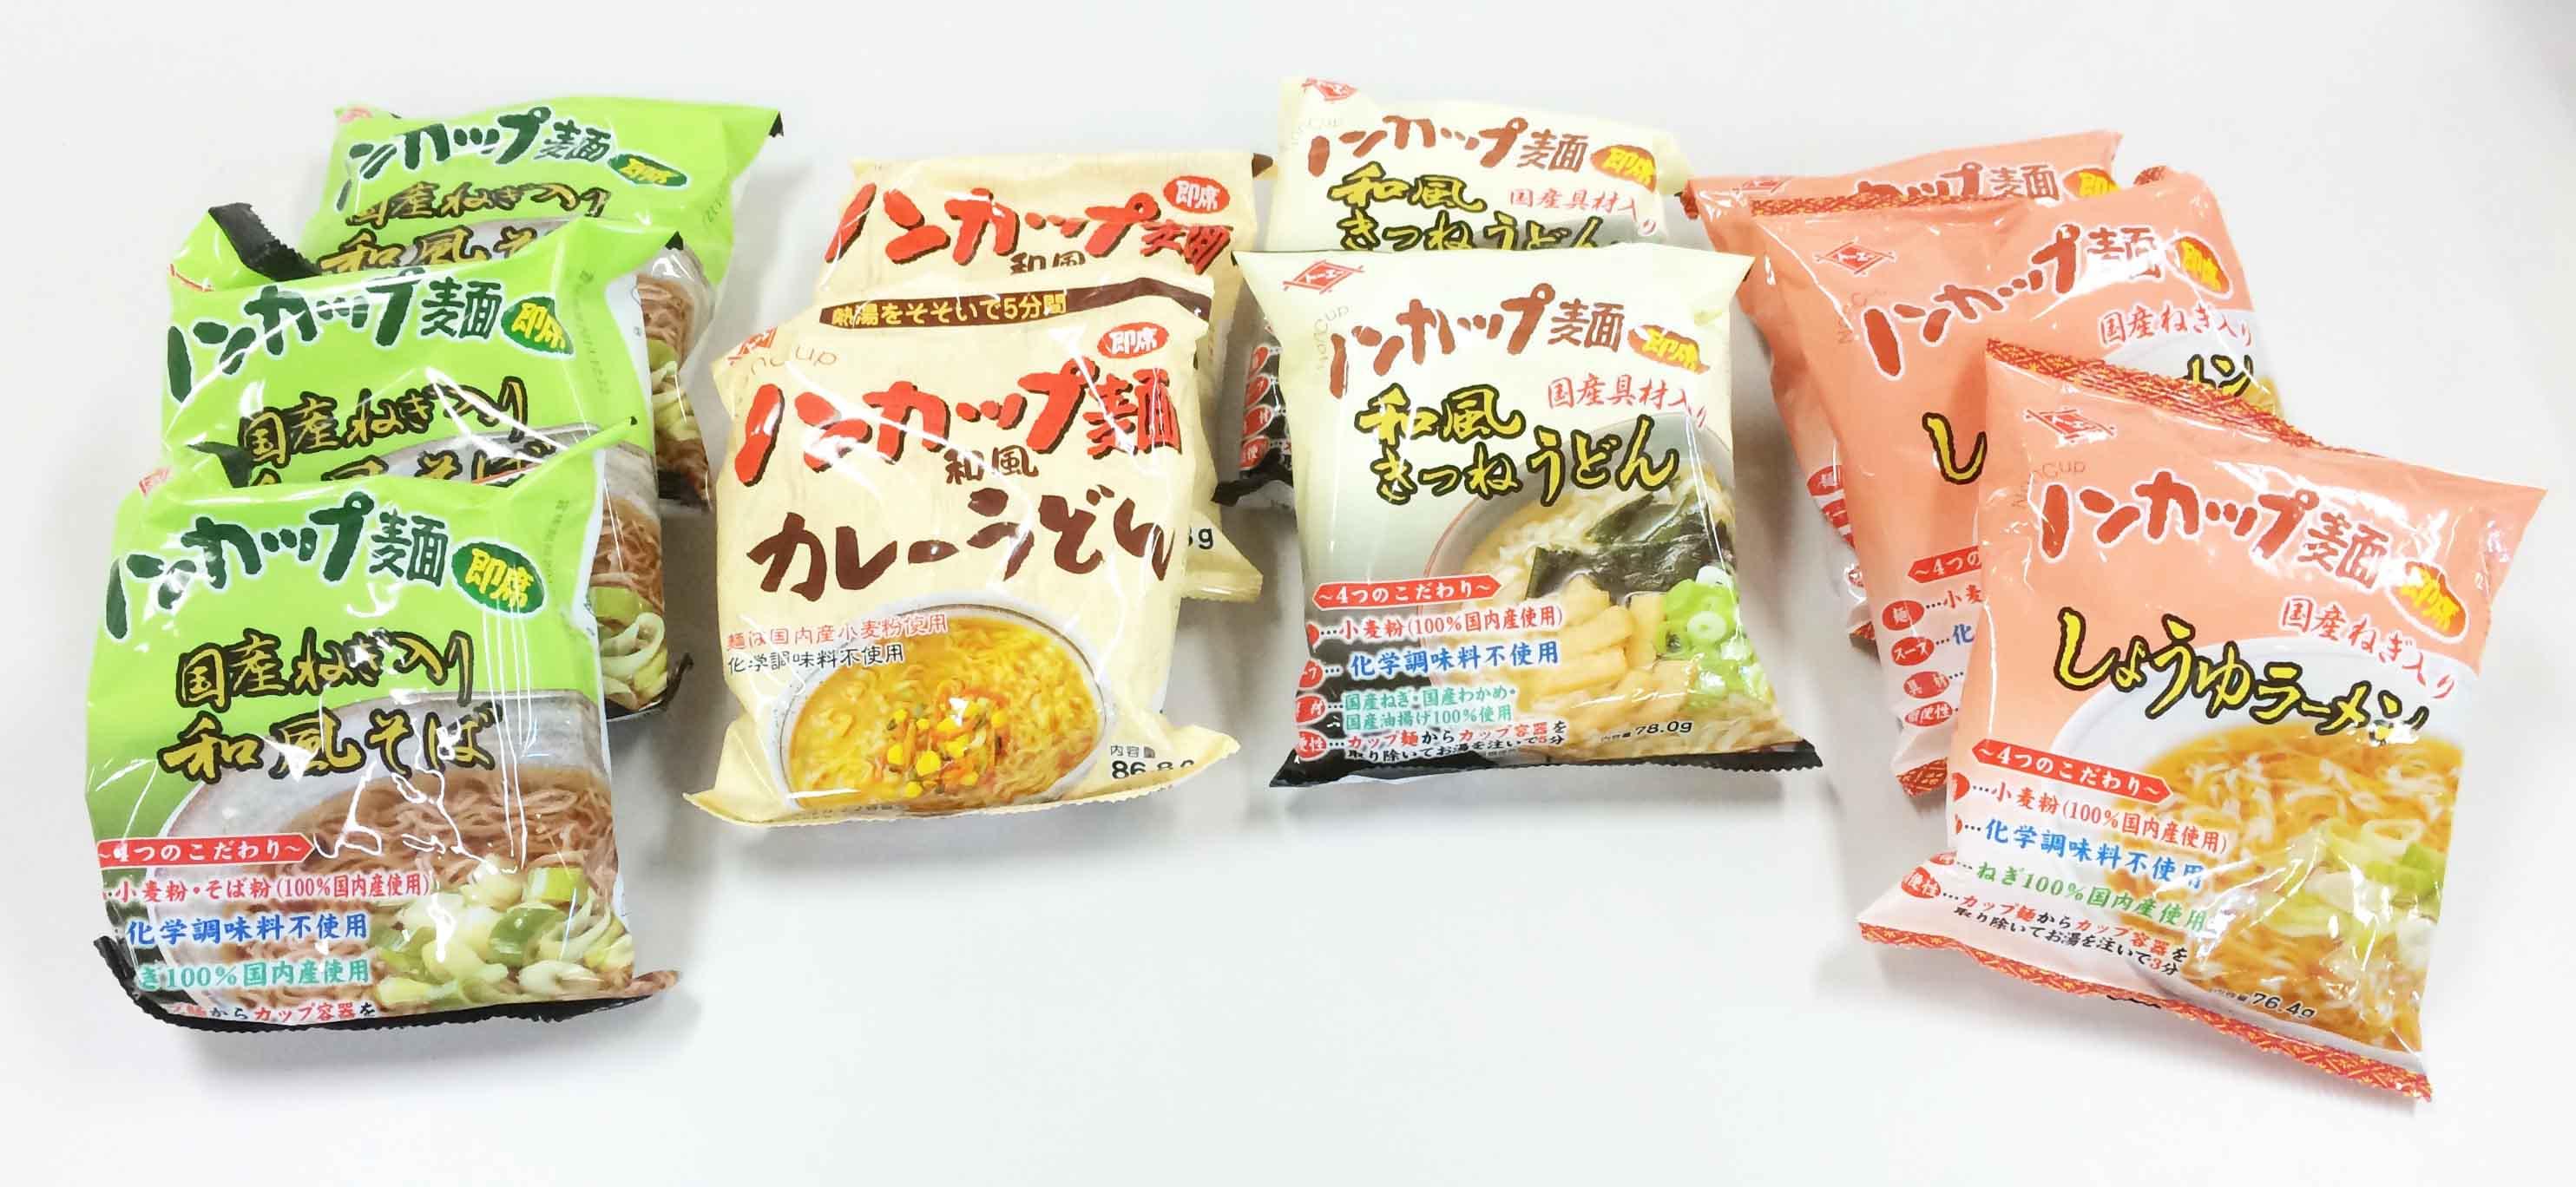 防災食としてのノンカップ麺